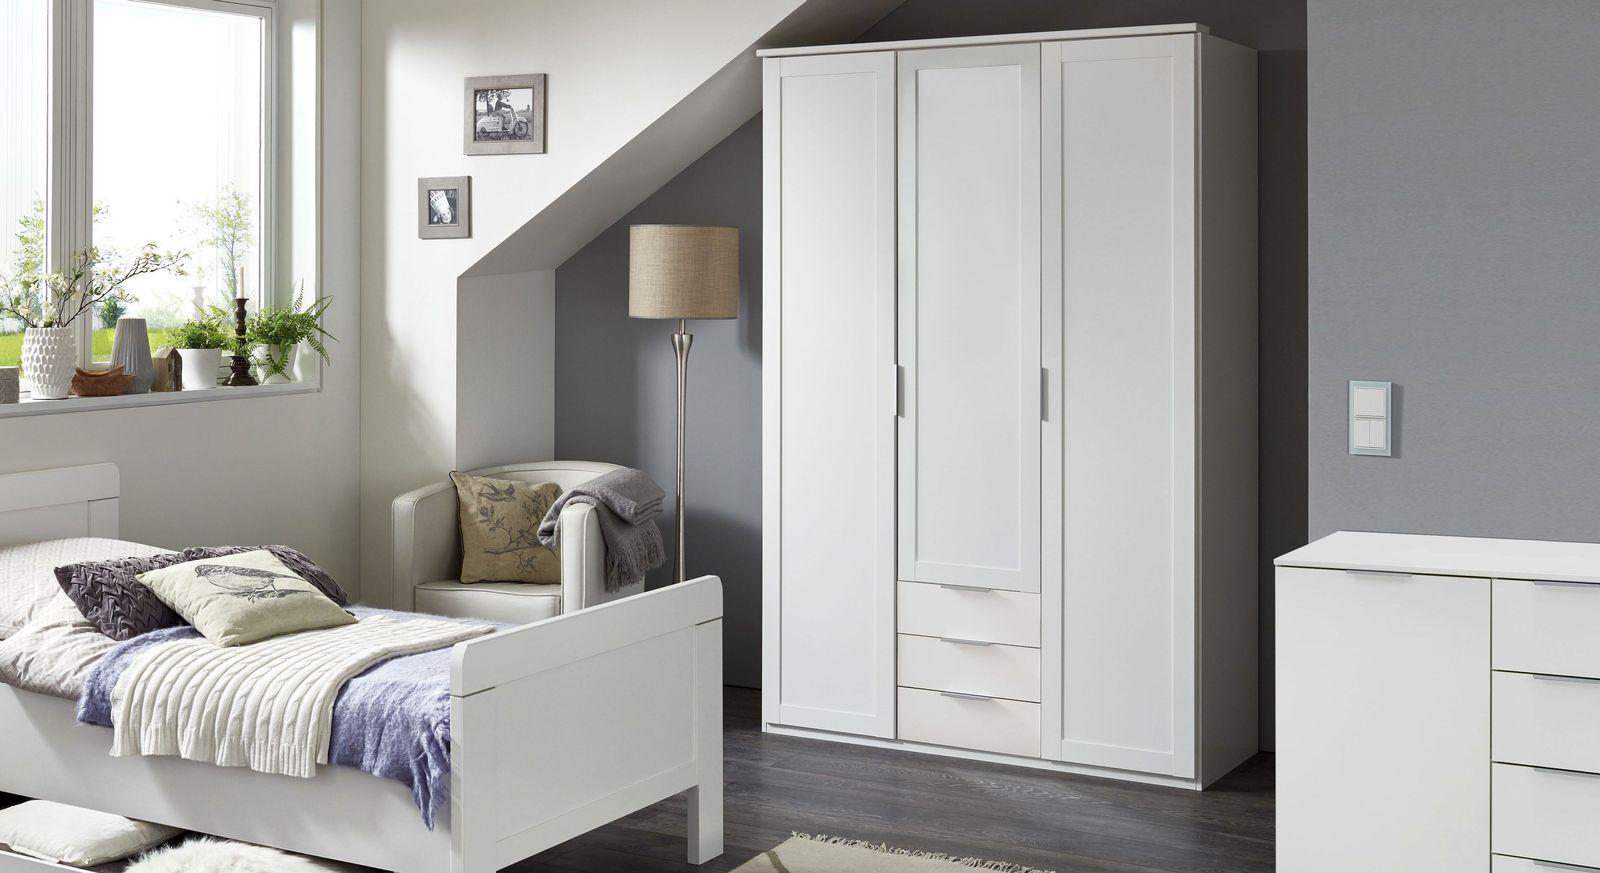 Schlafzimmer Fur Studenten Einrichten Gestalten Betten At